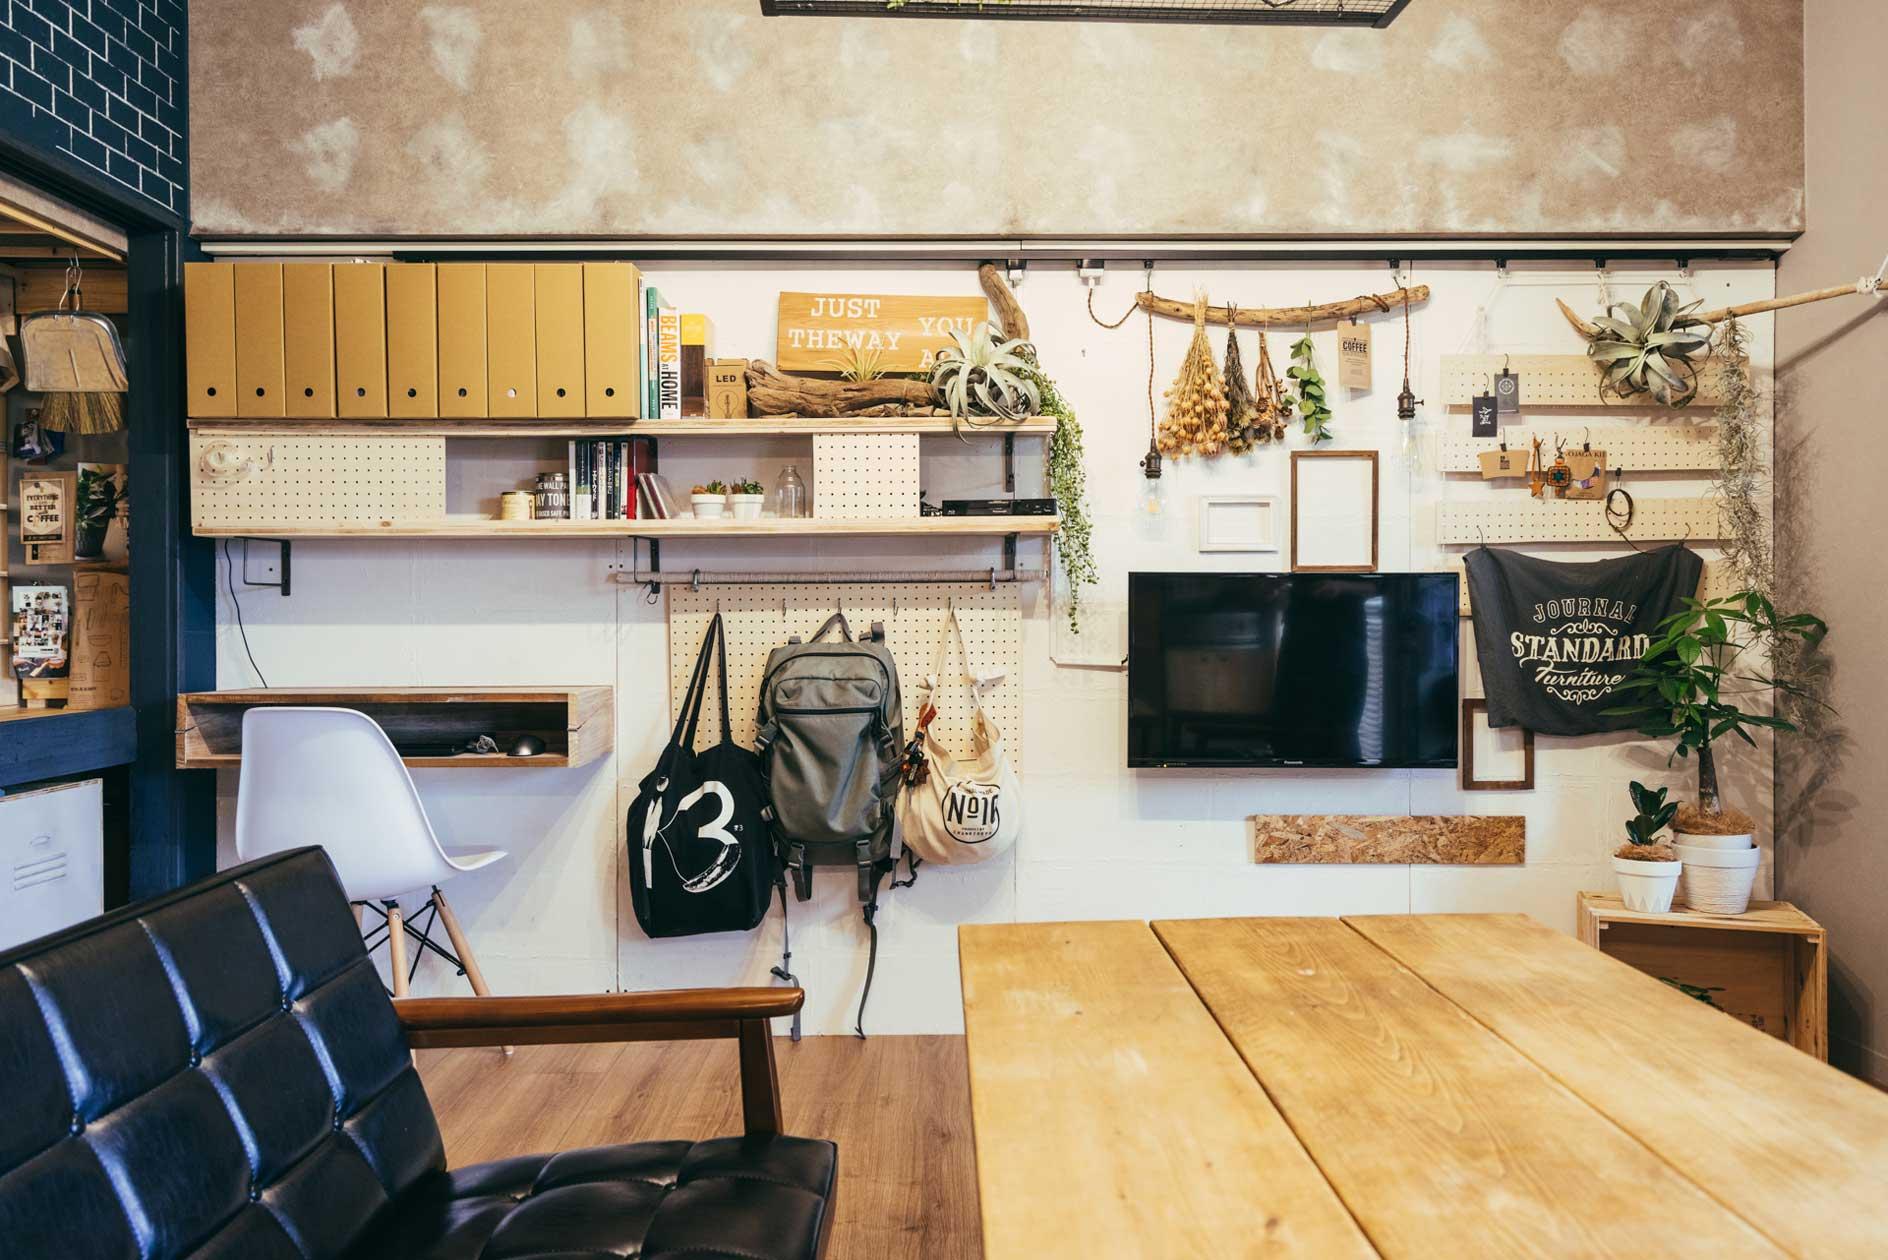 棚やテレビ、机まで。壁面を利用してつくりつけることで、柱や脚がなくすっきりみせる効果もあります。